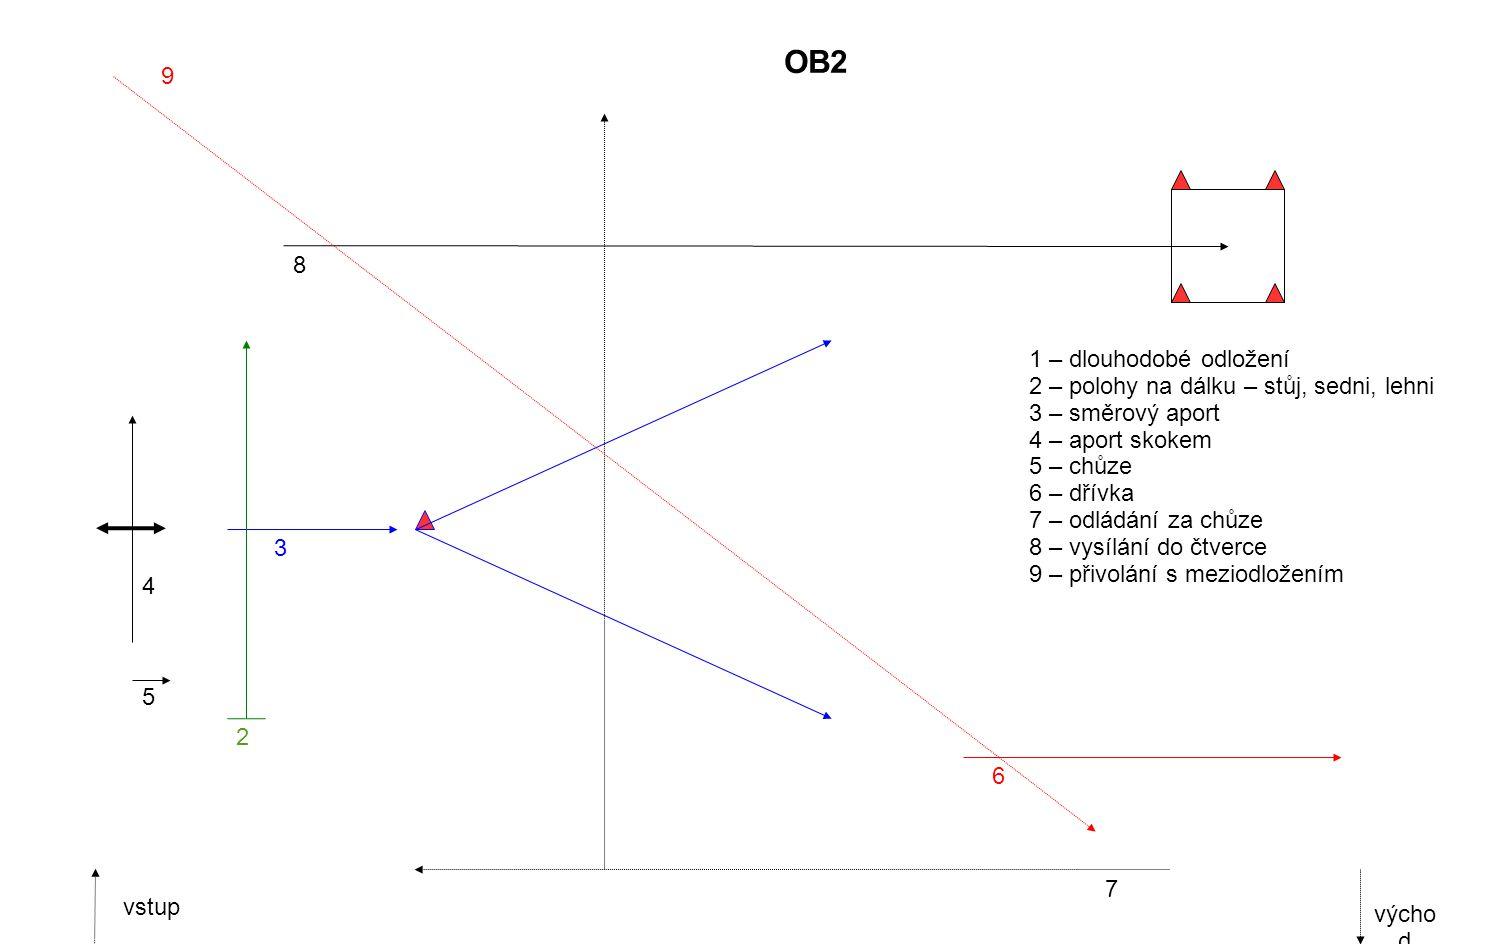 5 2 3 4 6 7 9 8 1 – dlouhodobé odložení 2 – polohy na dálku – stůj, sedni, lehni 3 – směrový aport 4 – aport skokem 5 – chůze 6 – dřívka 7 – odládání za chůze 8 – vysílání do čtverce 9 – přivolání s meziodložením vstup výcho d OB2